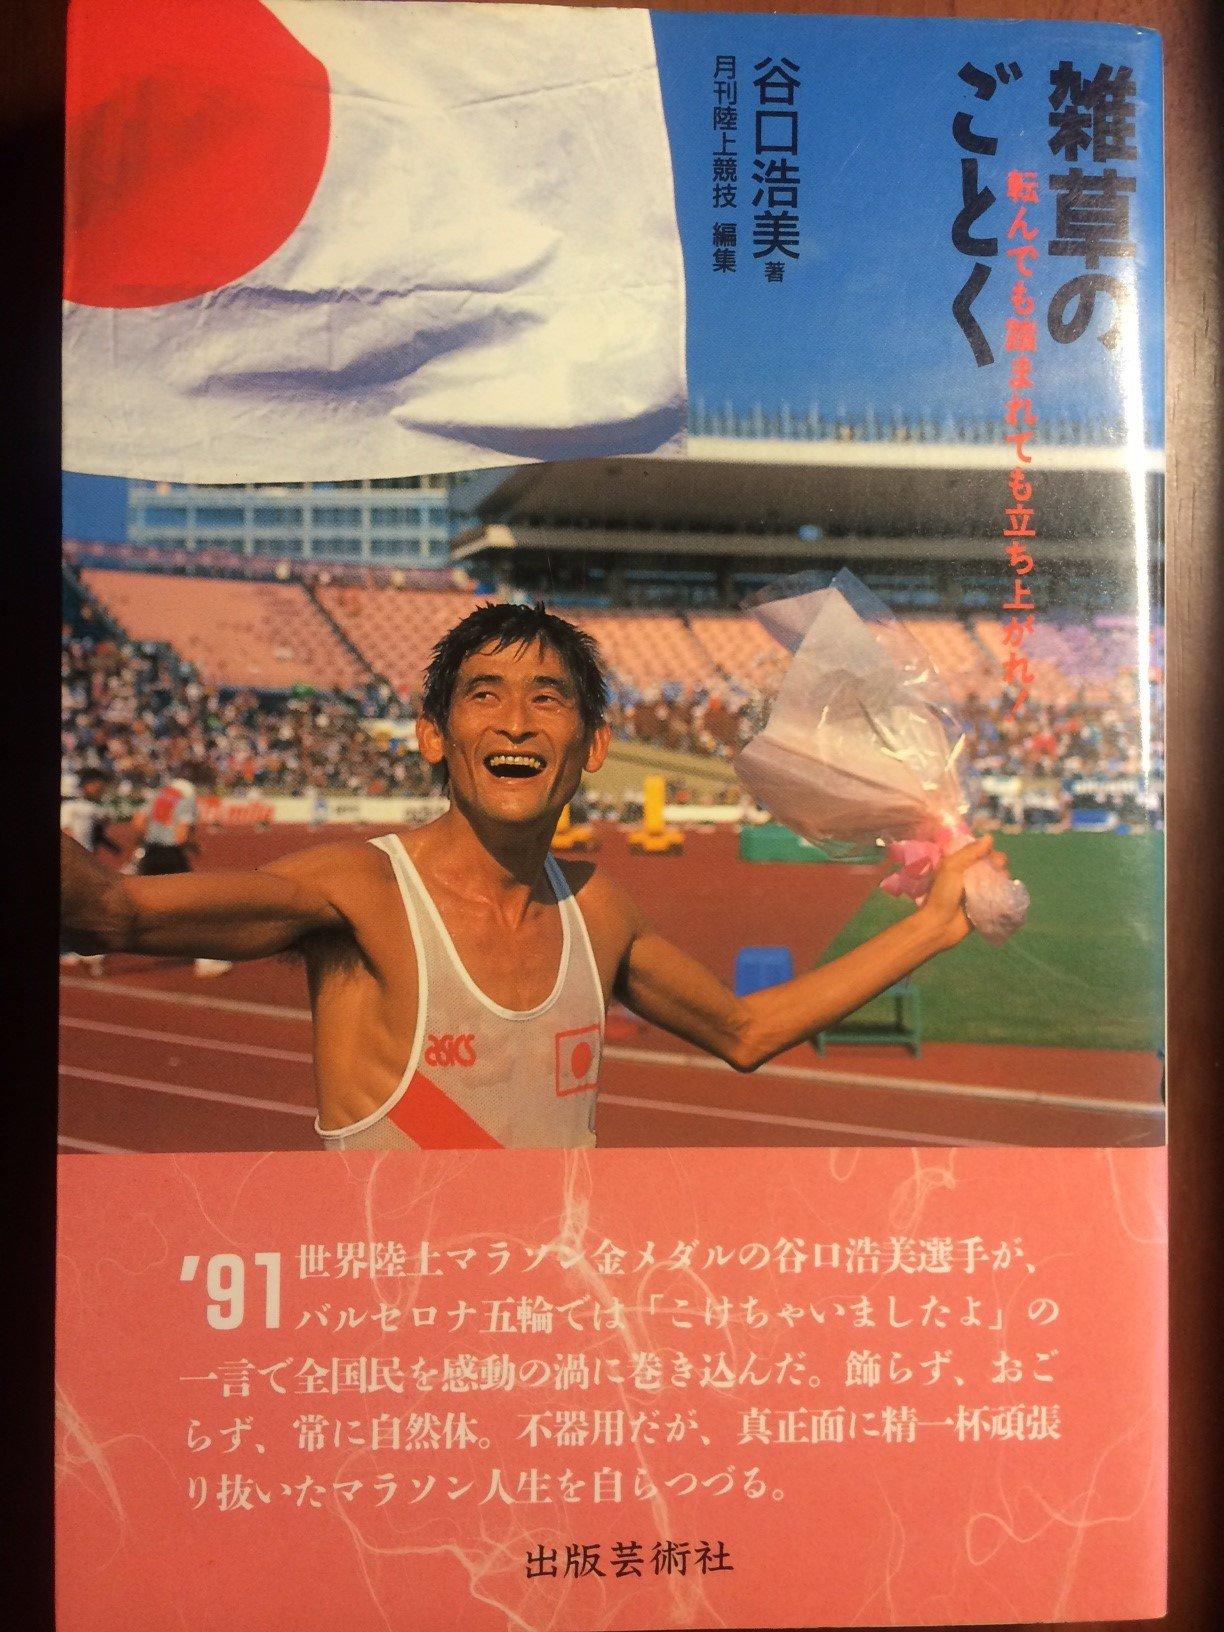 谷口 浩美(Hiromi Taniguchi)